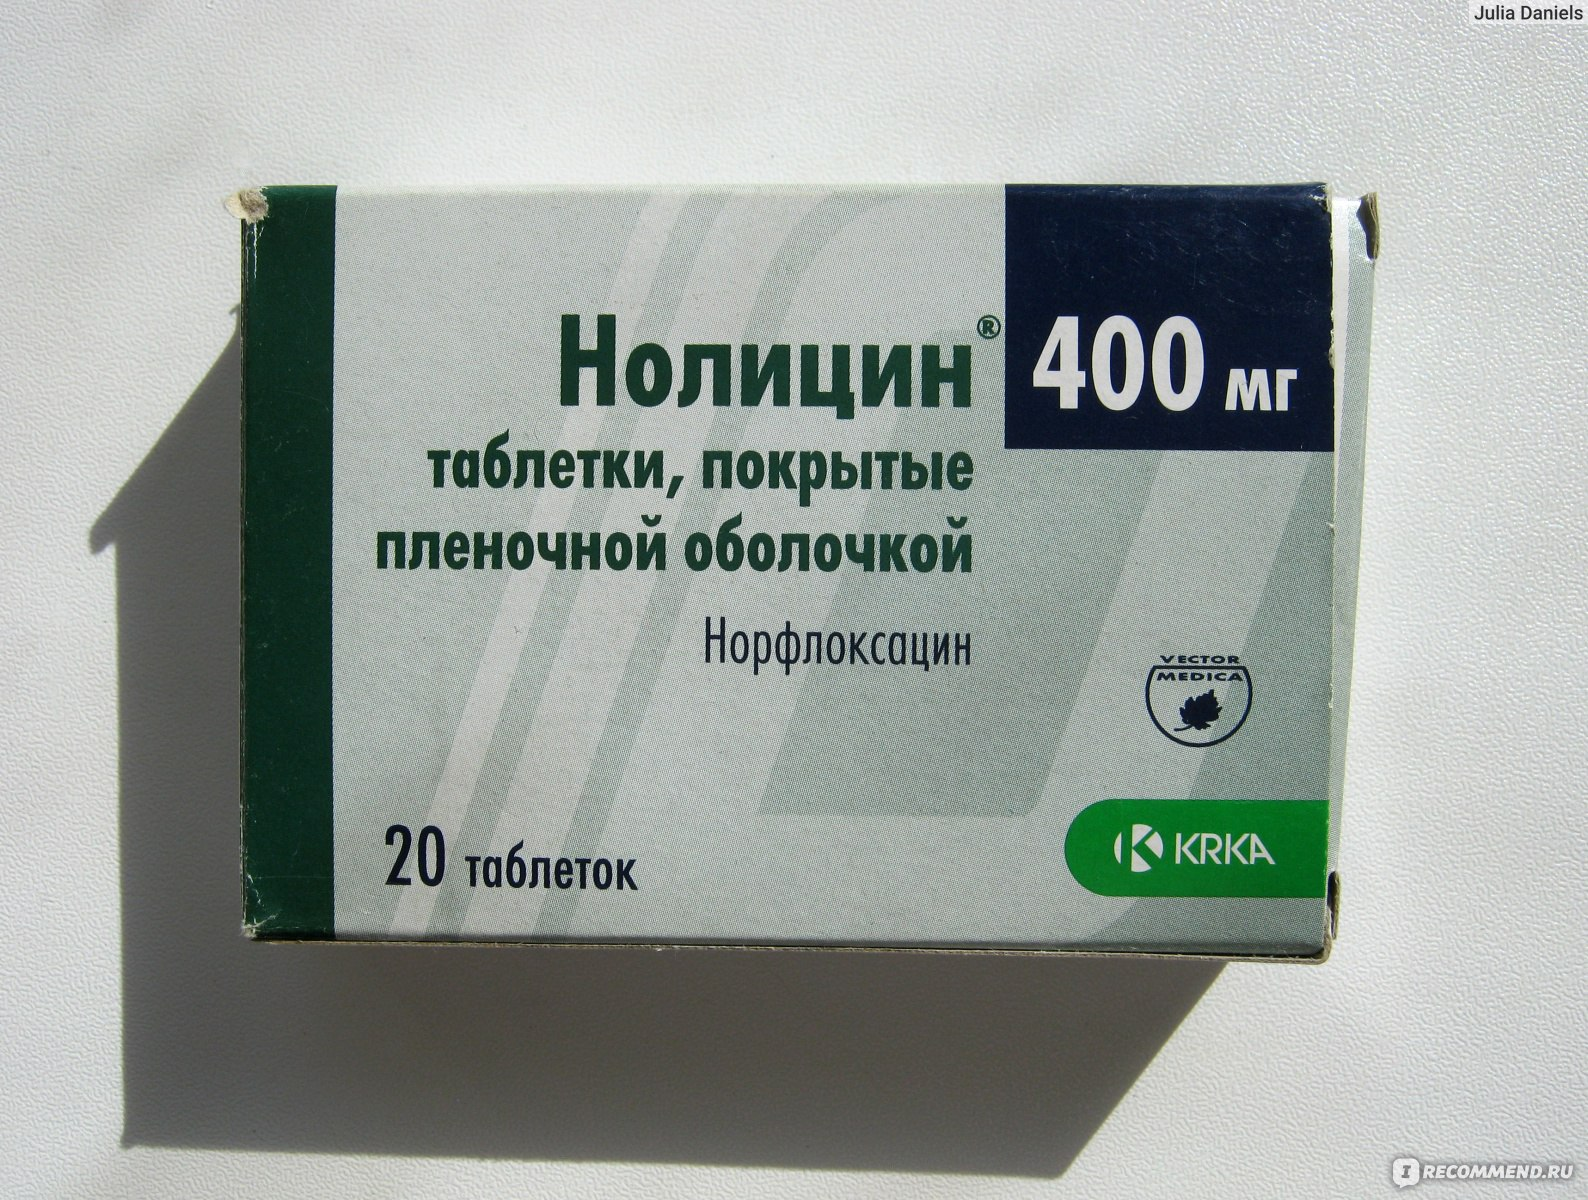 для похудения самые эффективные купить в аптеке пмр